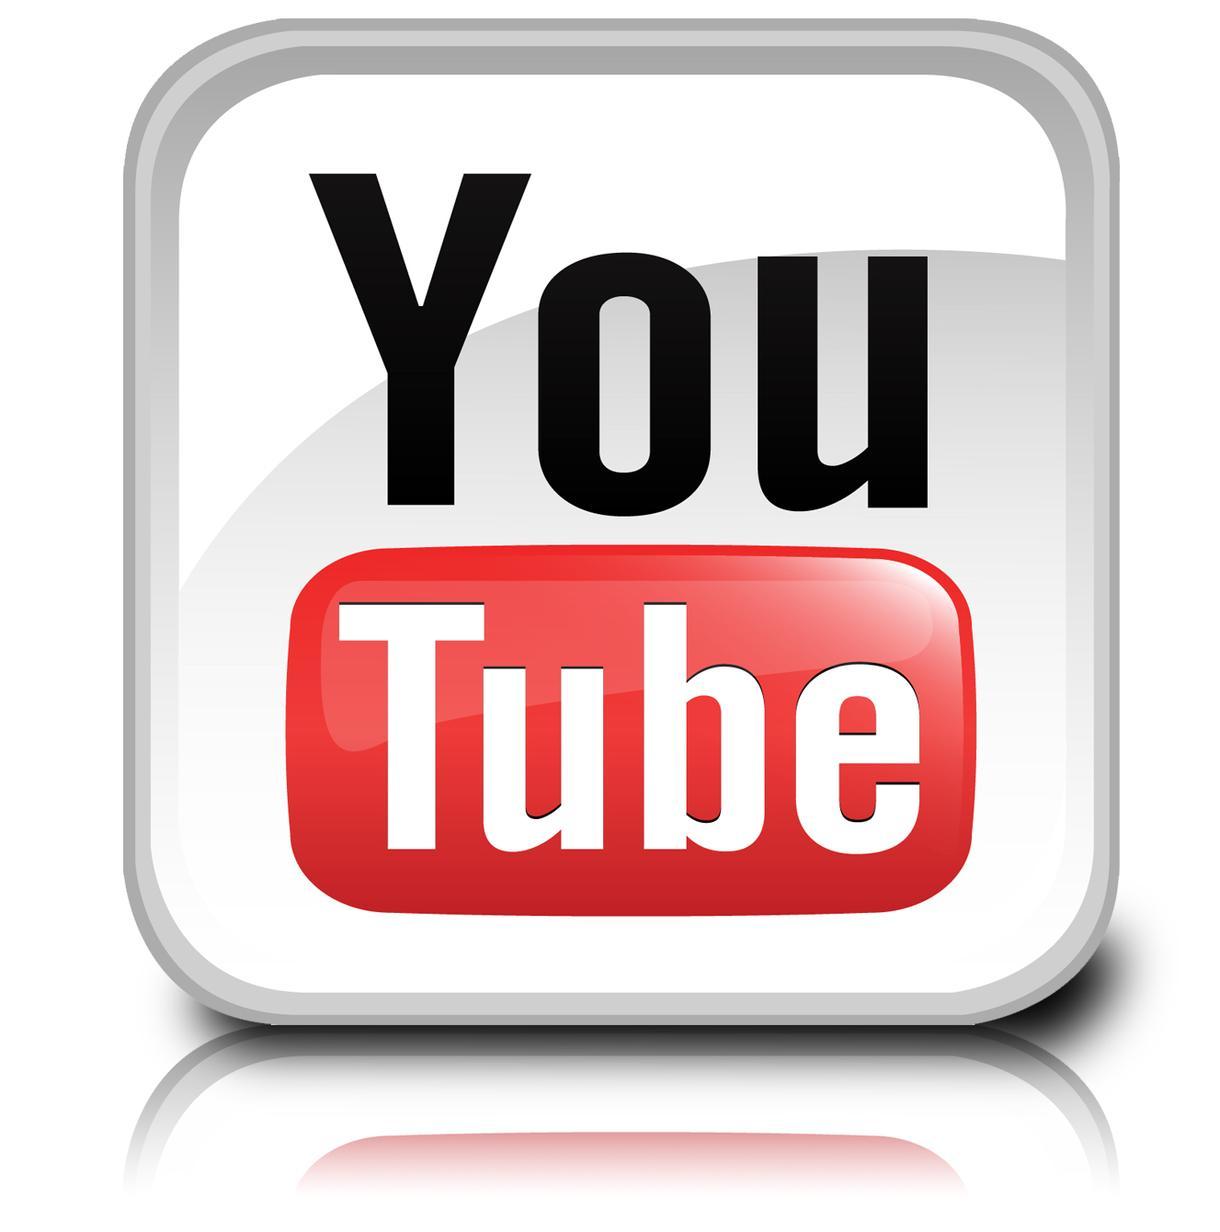 忙しいYouTuberの動画編集をお手伝いします 時間のかかる動画編集作業を高品質に任せてみませんか?